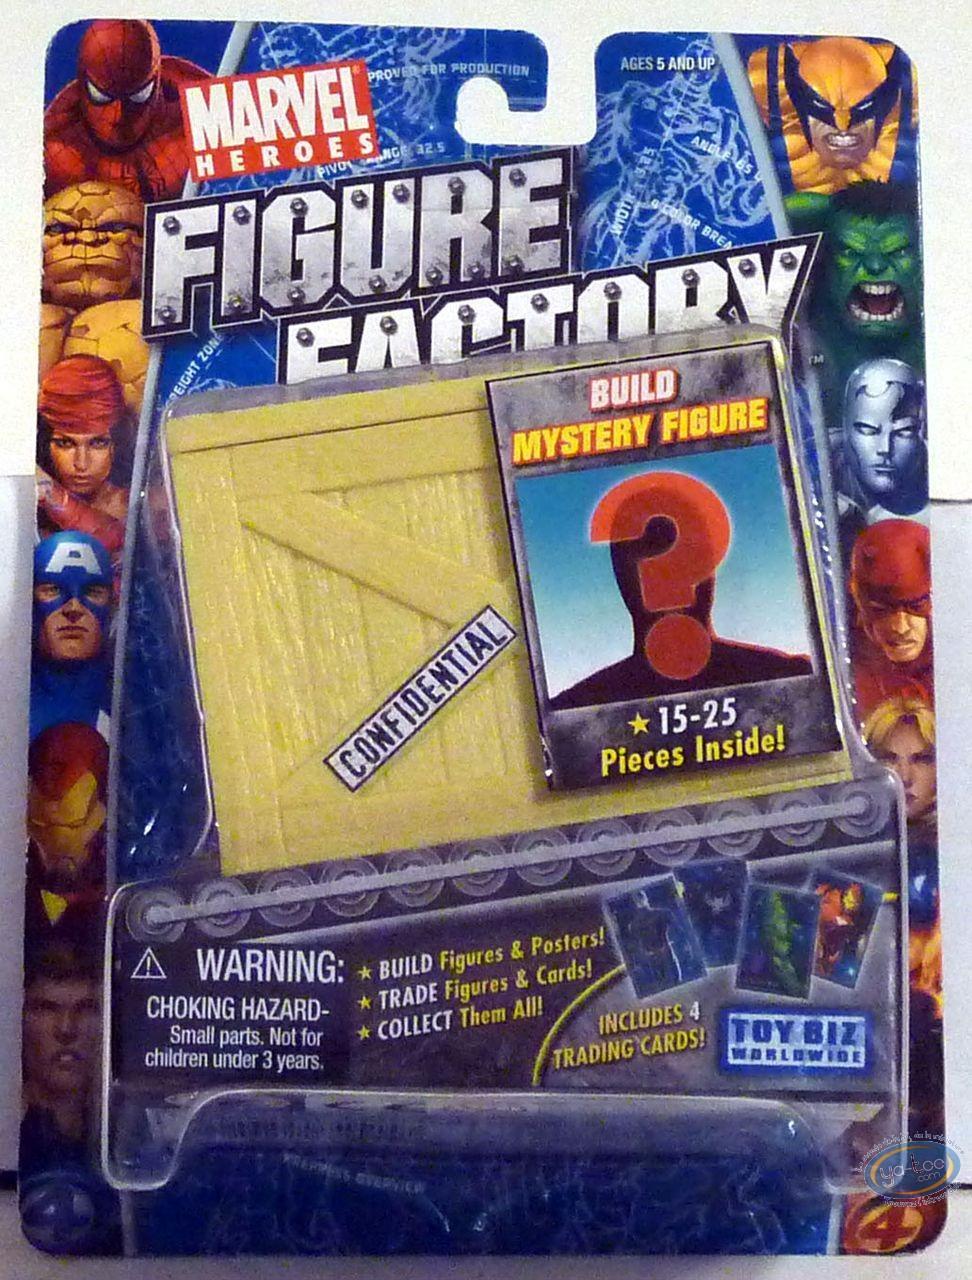 Action Figure, X-Men : Mistery figure